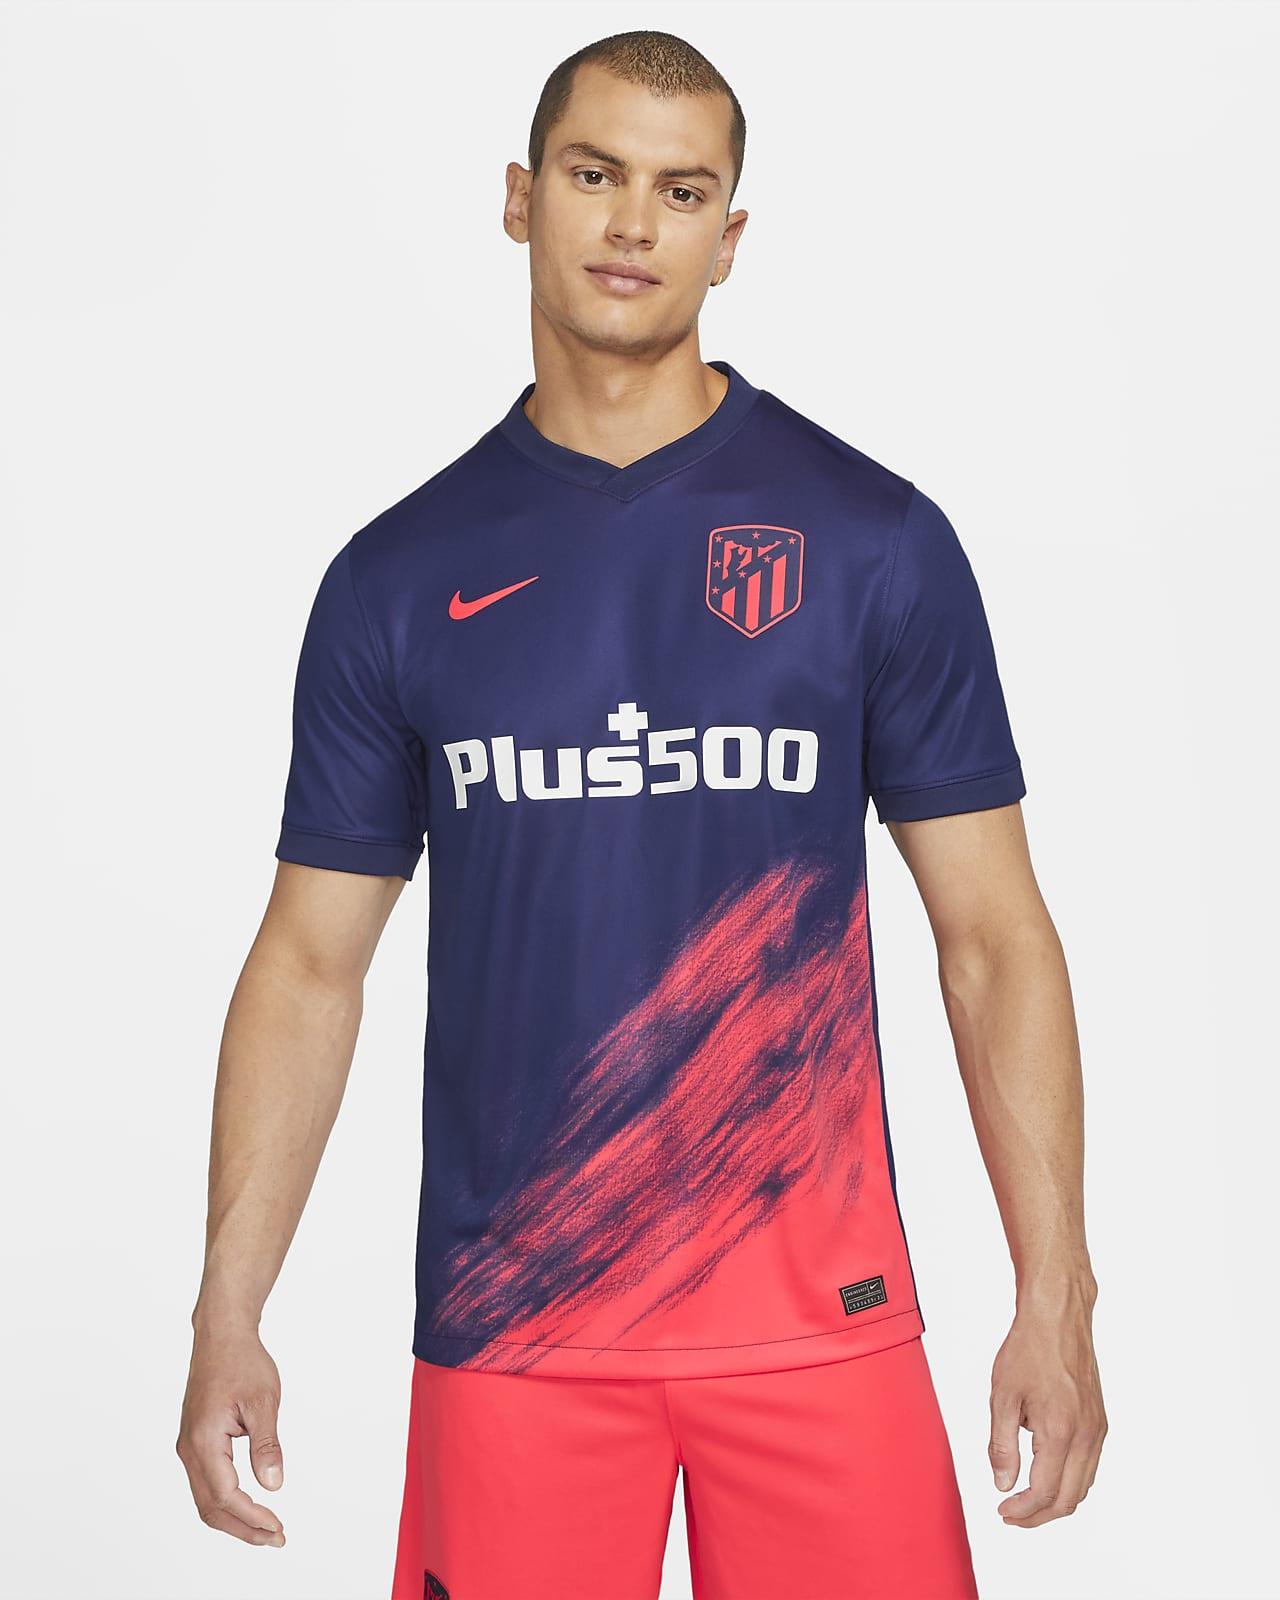 atletico_madrid_2021_2022_away_kit_1.jpeg